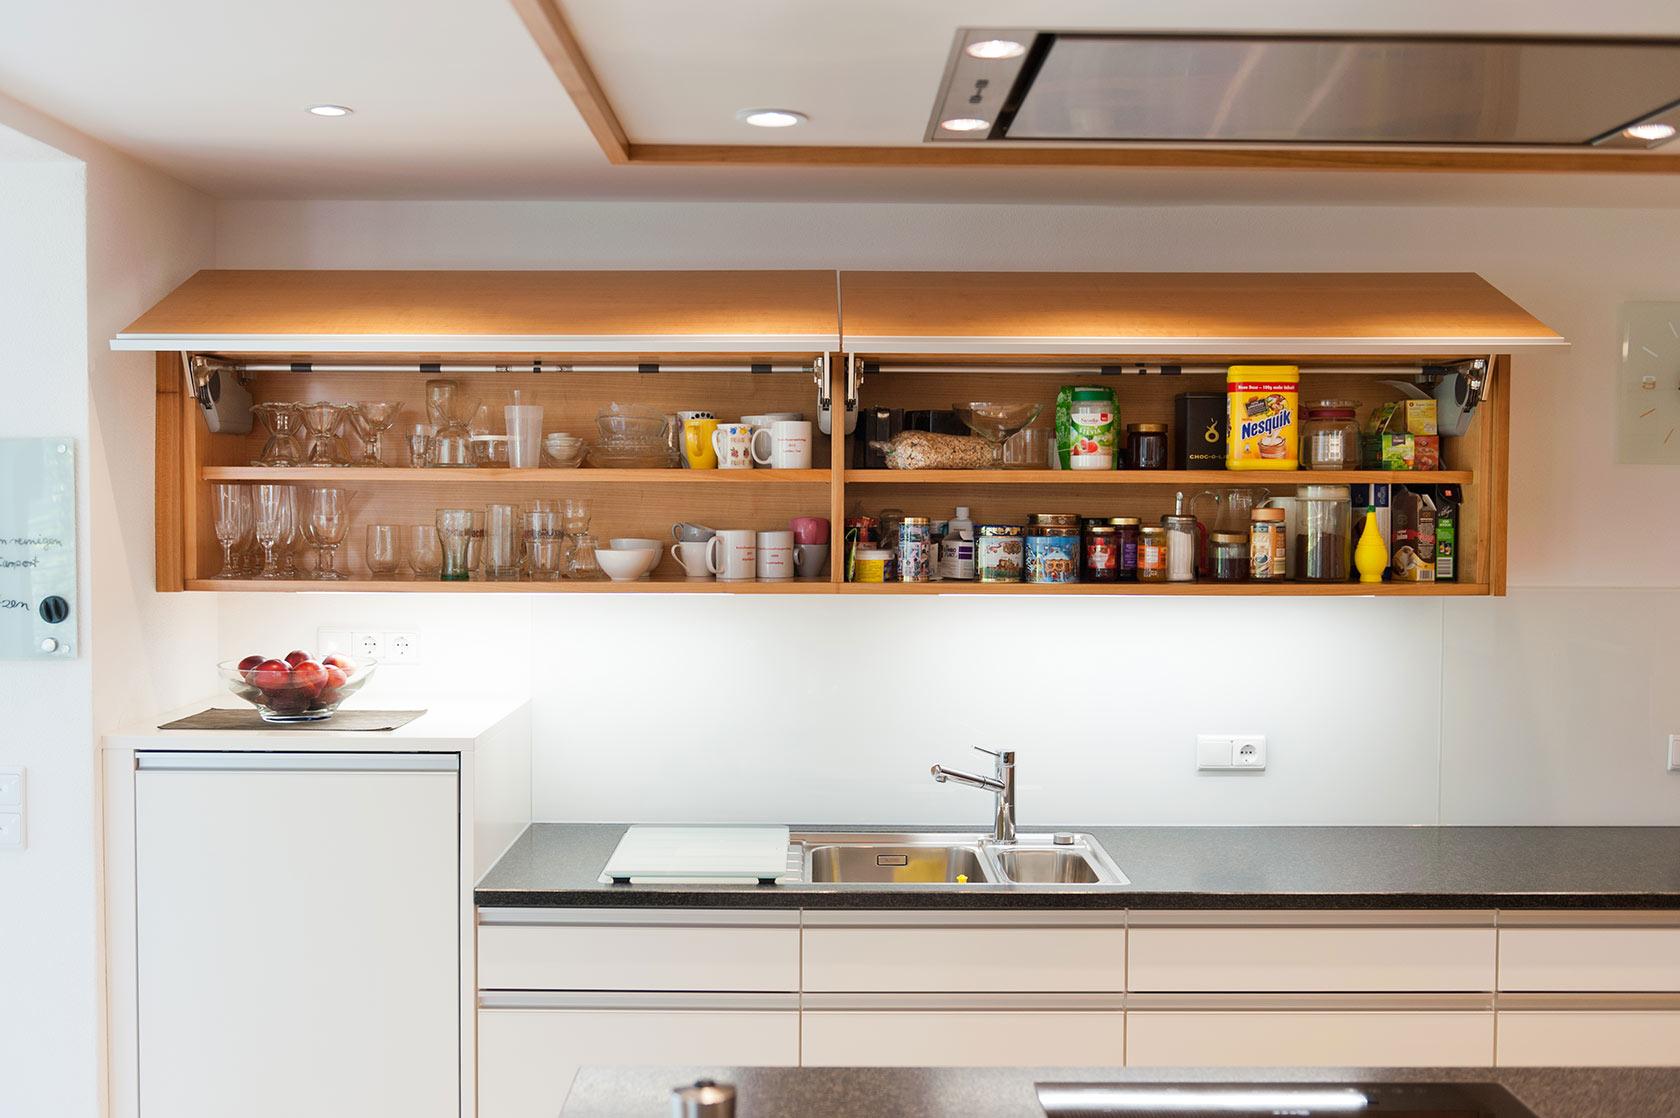 Kuche schreiner kreatives haus design for Schreinerküche